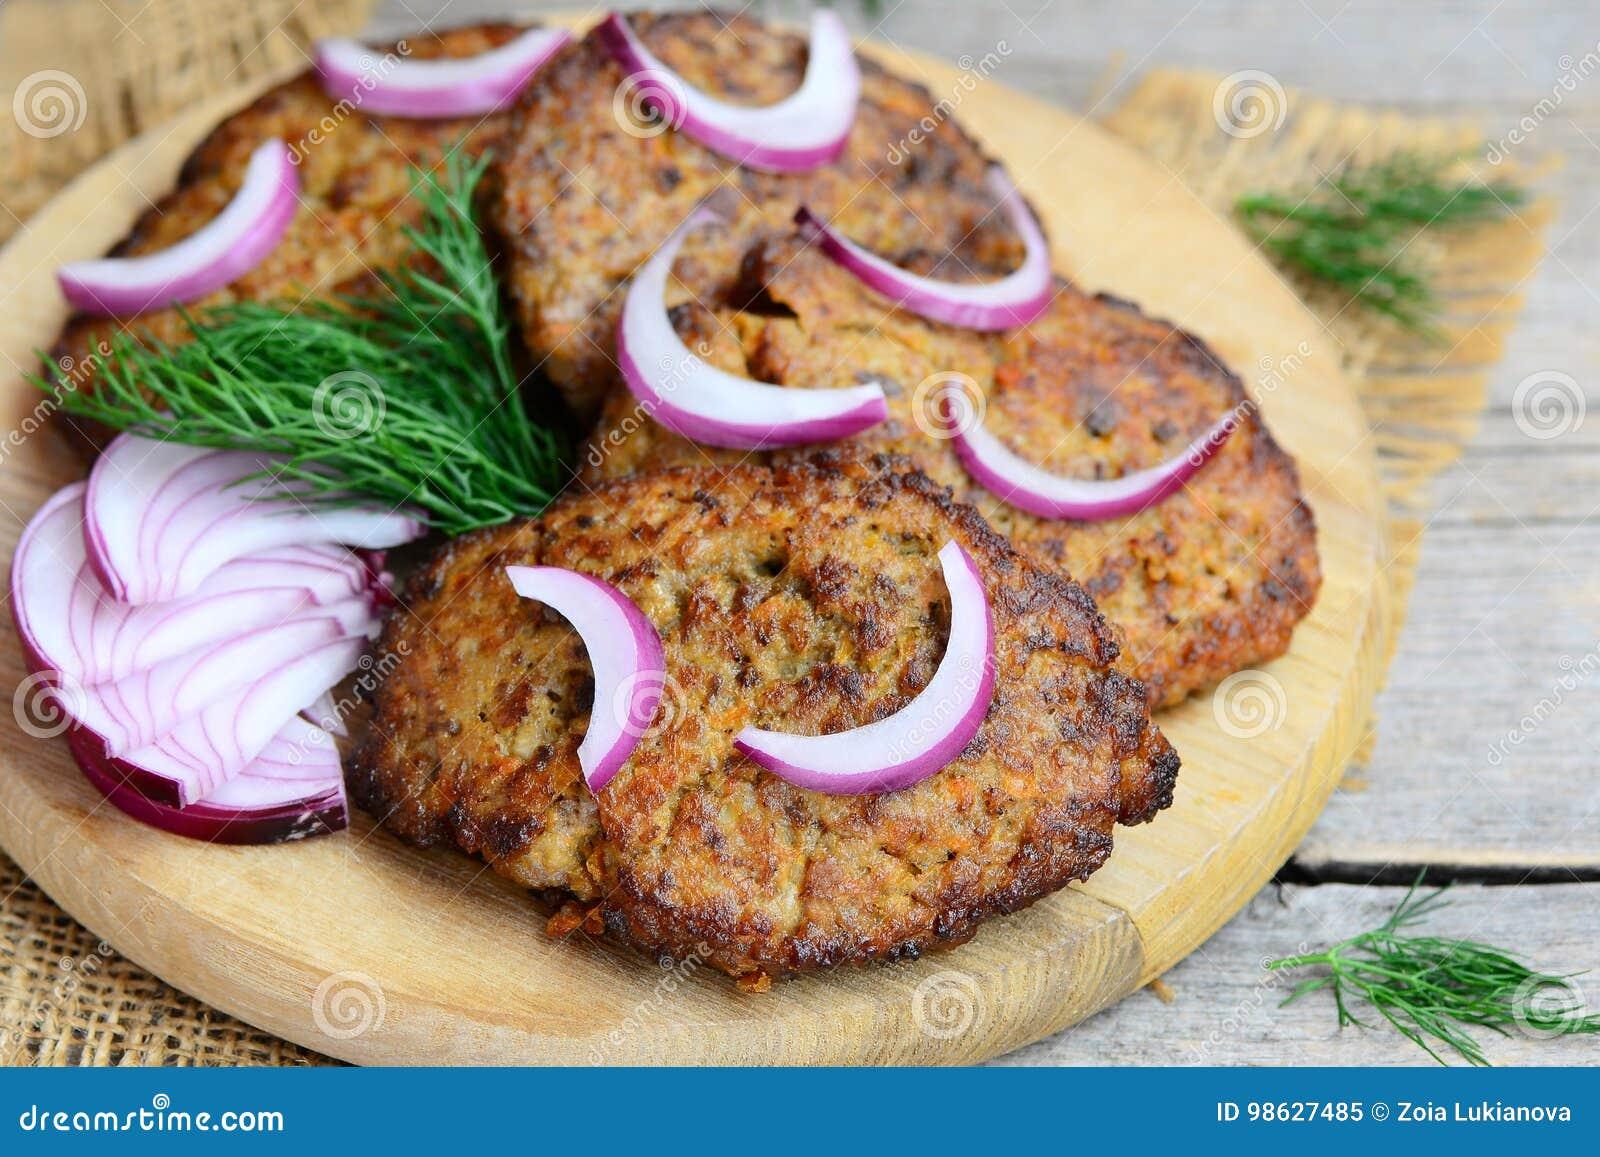 Kurczak wątróbki paszteciki z marchewką i cebulą Domowej roboty pieczonego kurczaka wątrobowi paszteciki na drewnianej tnącej des